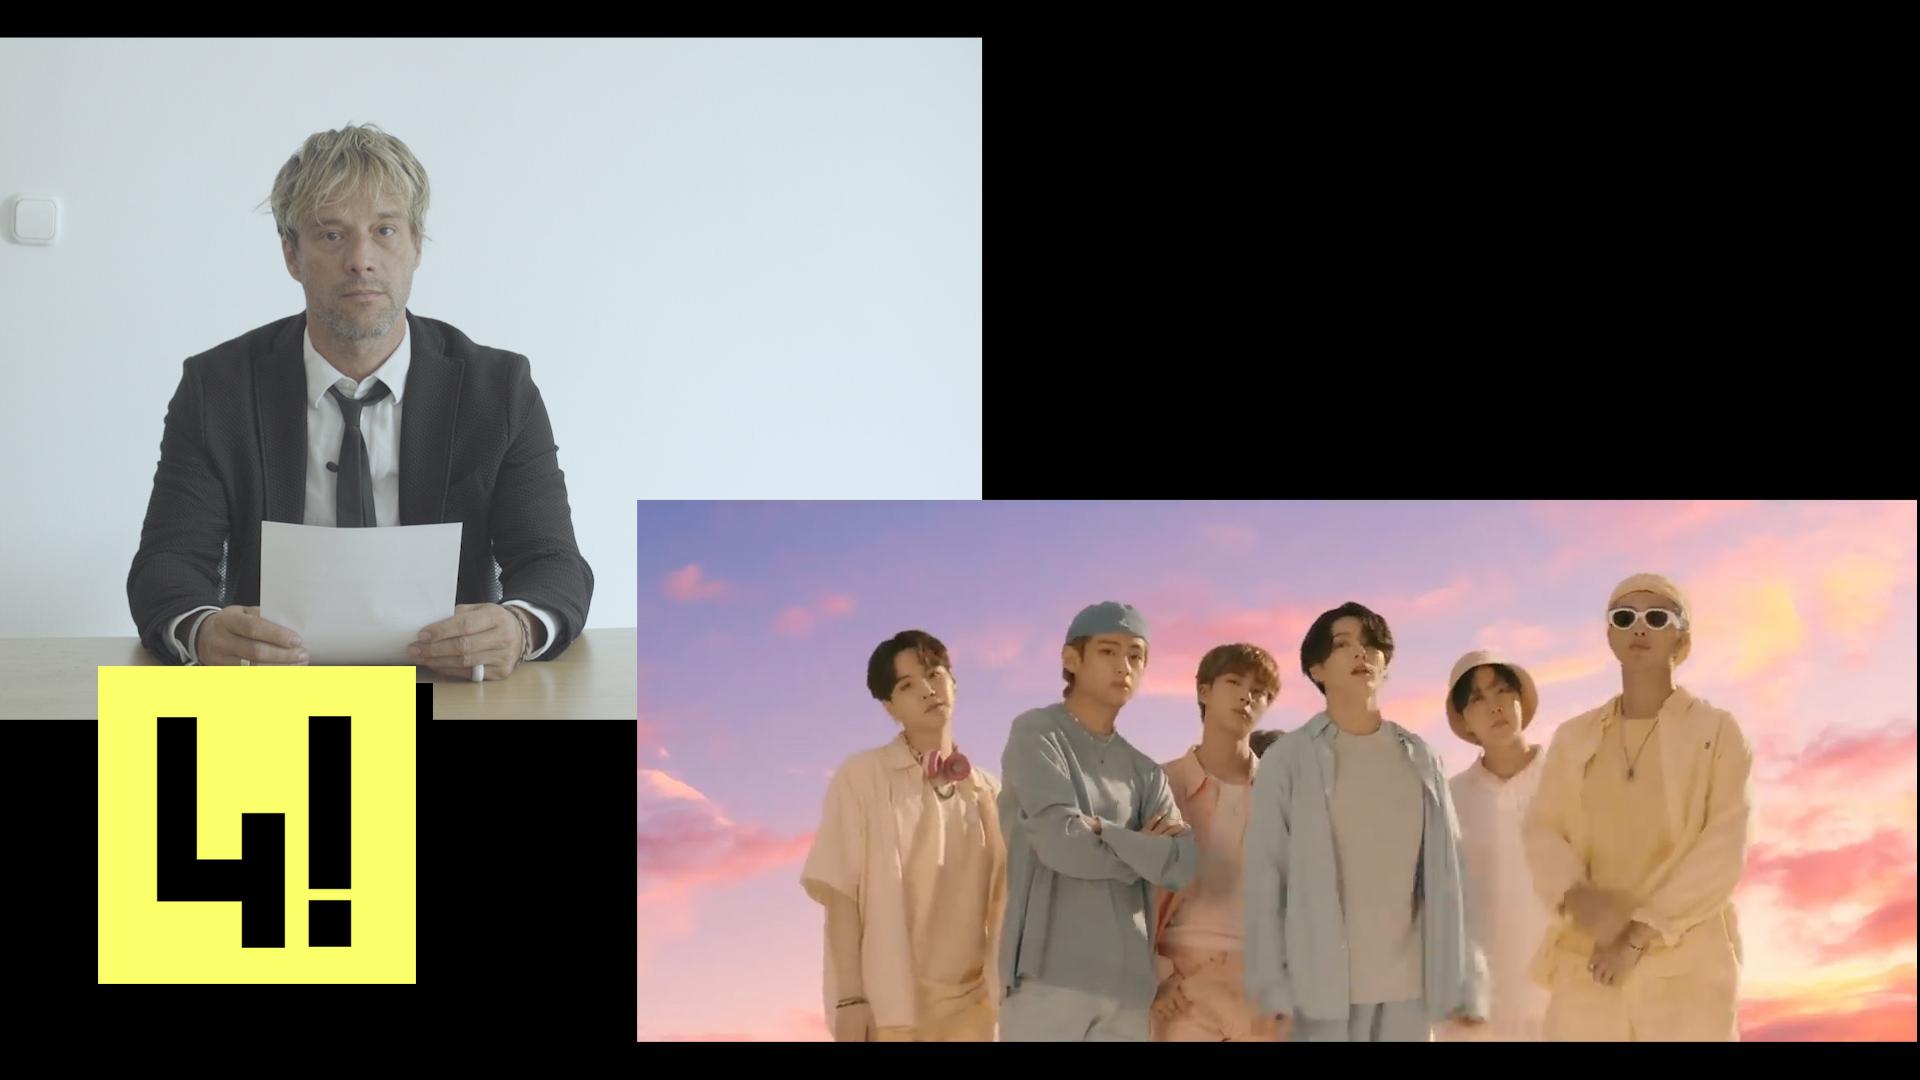 Videón kért bocsánatot a 444 munkatársa a BTS együttes tagjaitól és rajongóitól